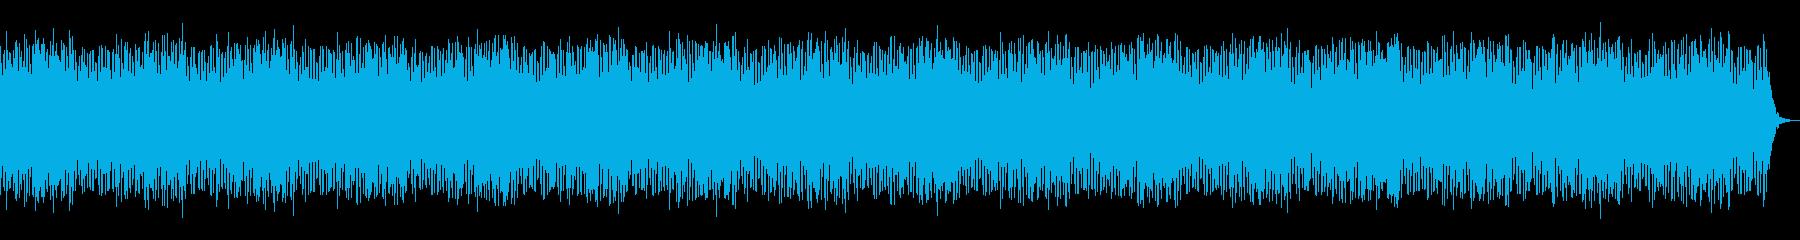 メルヘンチックなワルツ調BGMの再生済みの波形